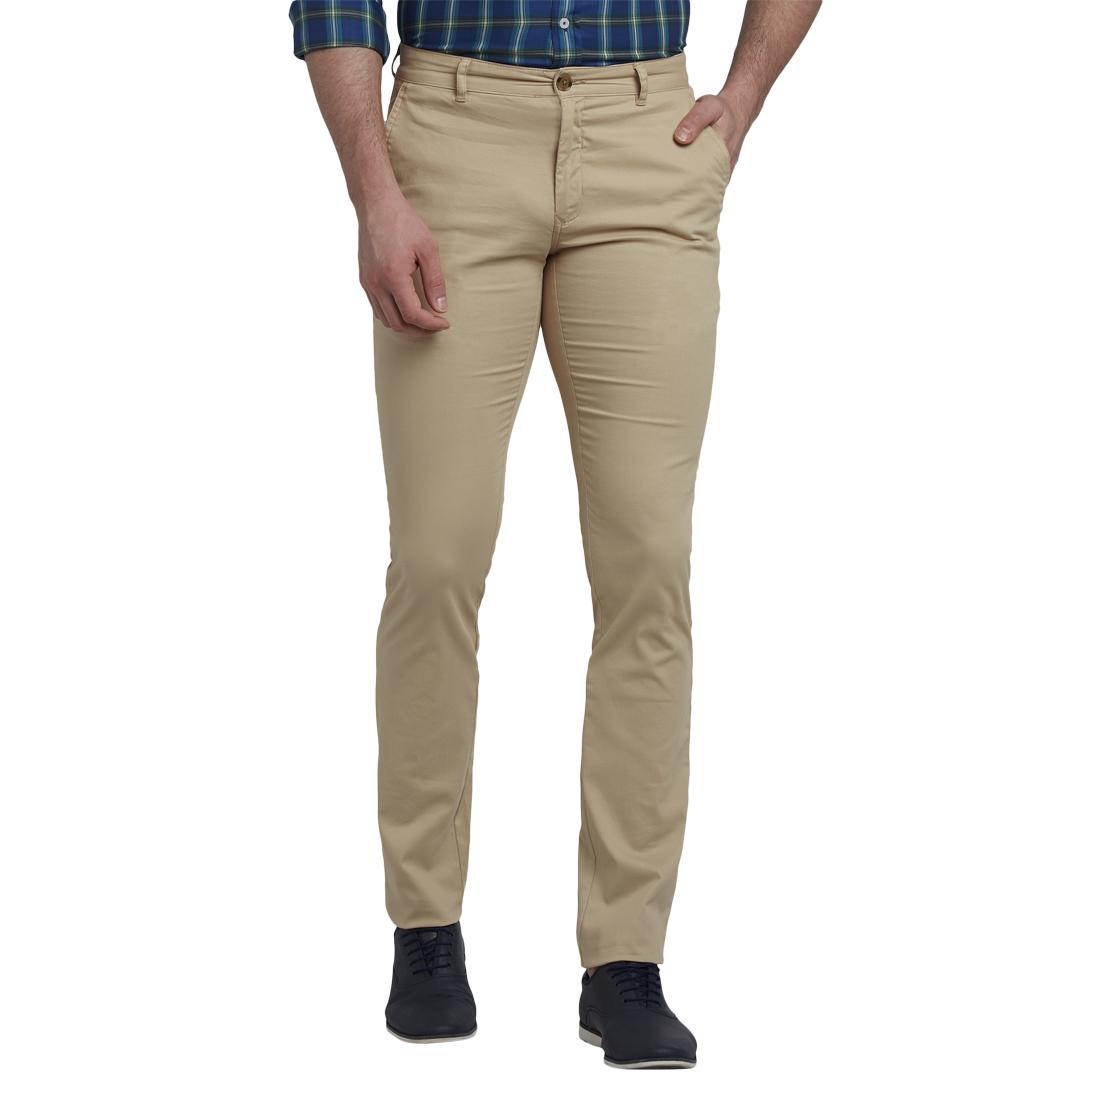 ColorPlus   Colorplus Medium Khaki Trouser